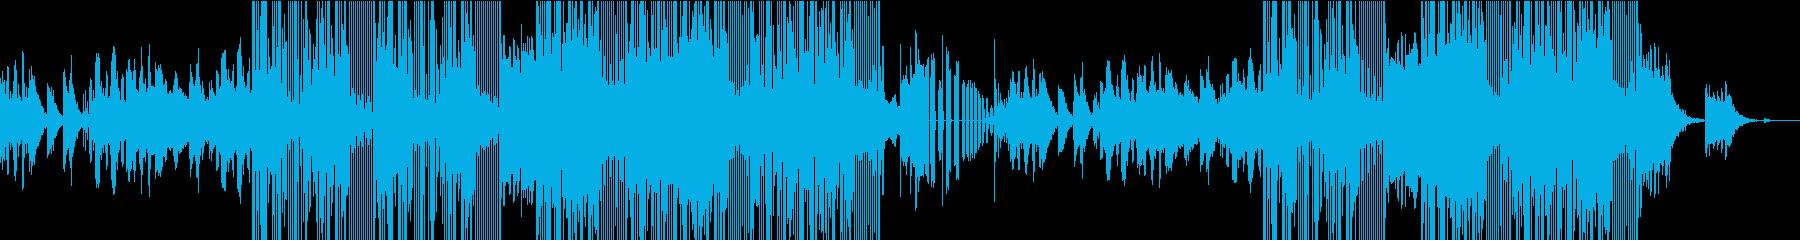 不思議な雰囲気のシンセBGMの再生済みの波形